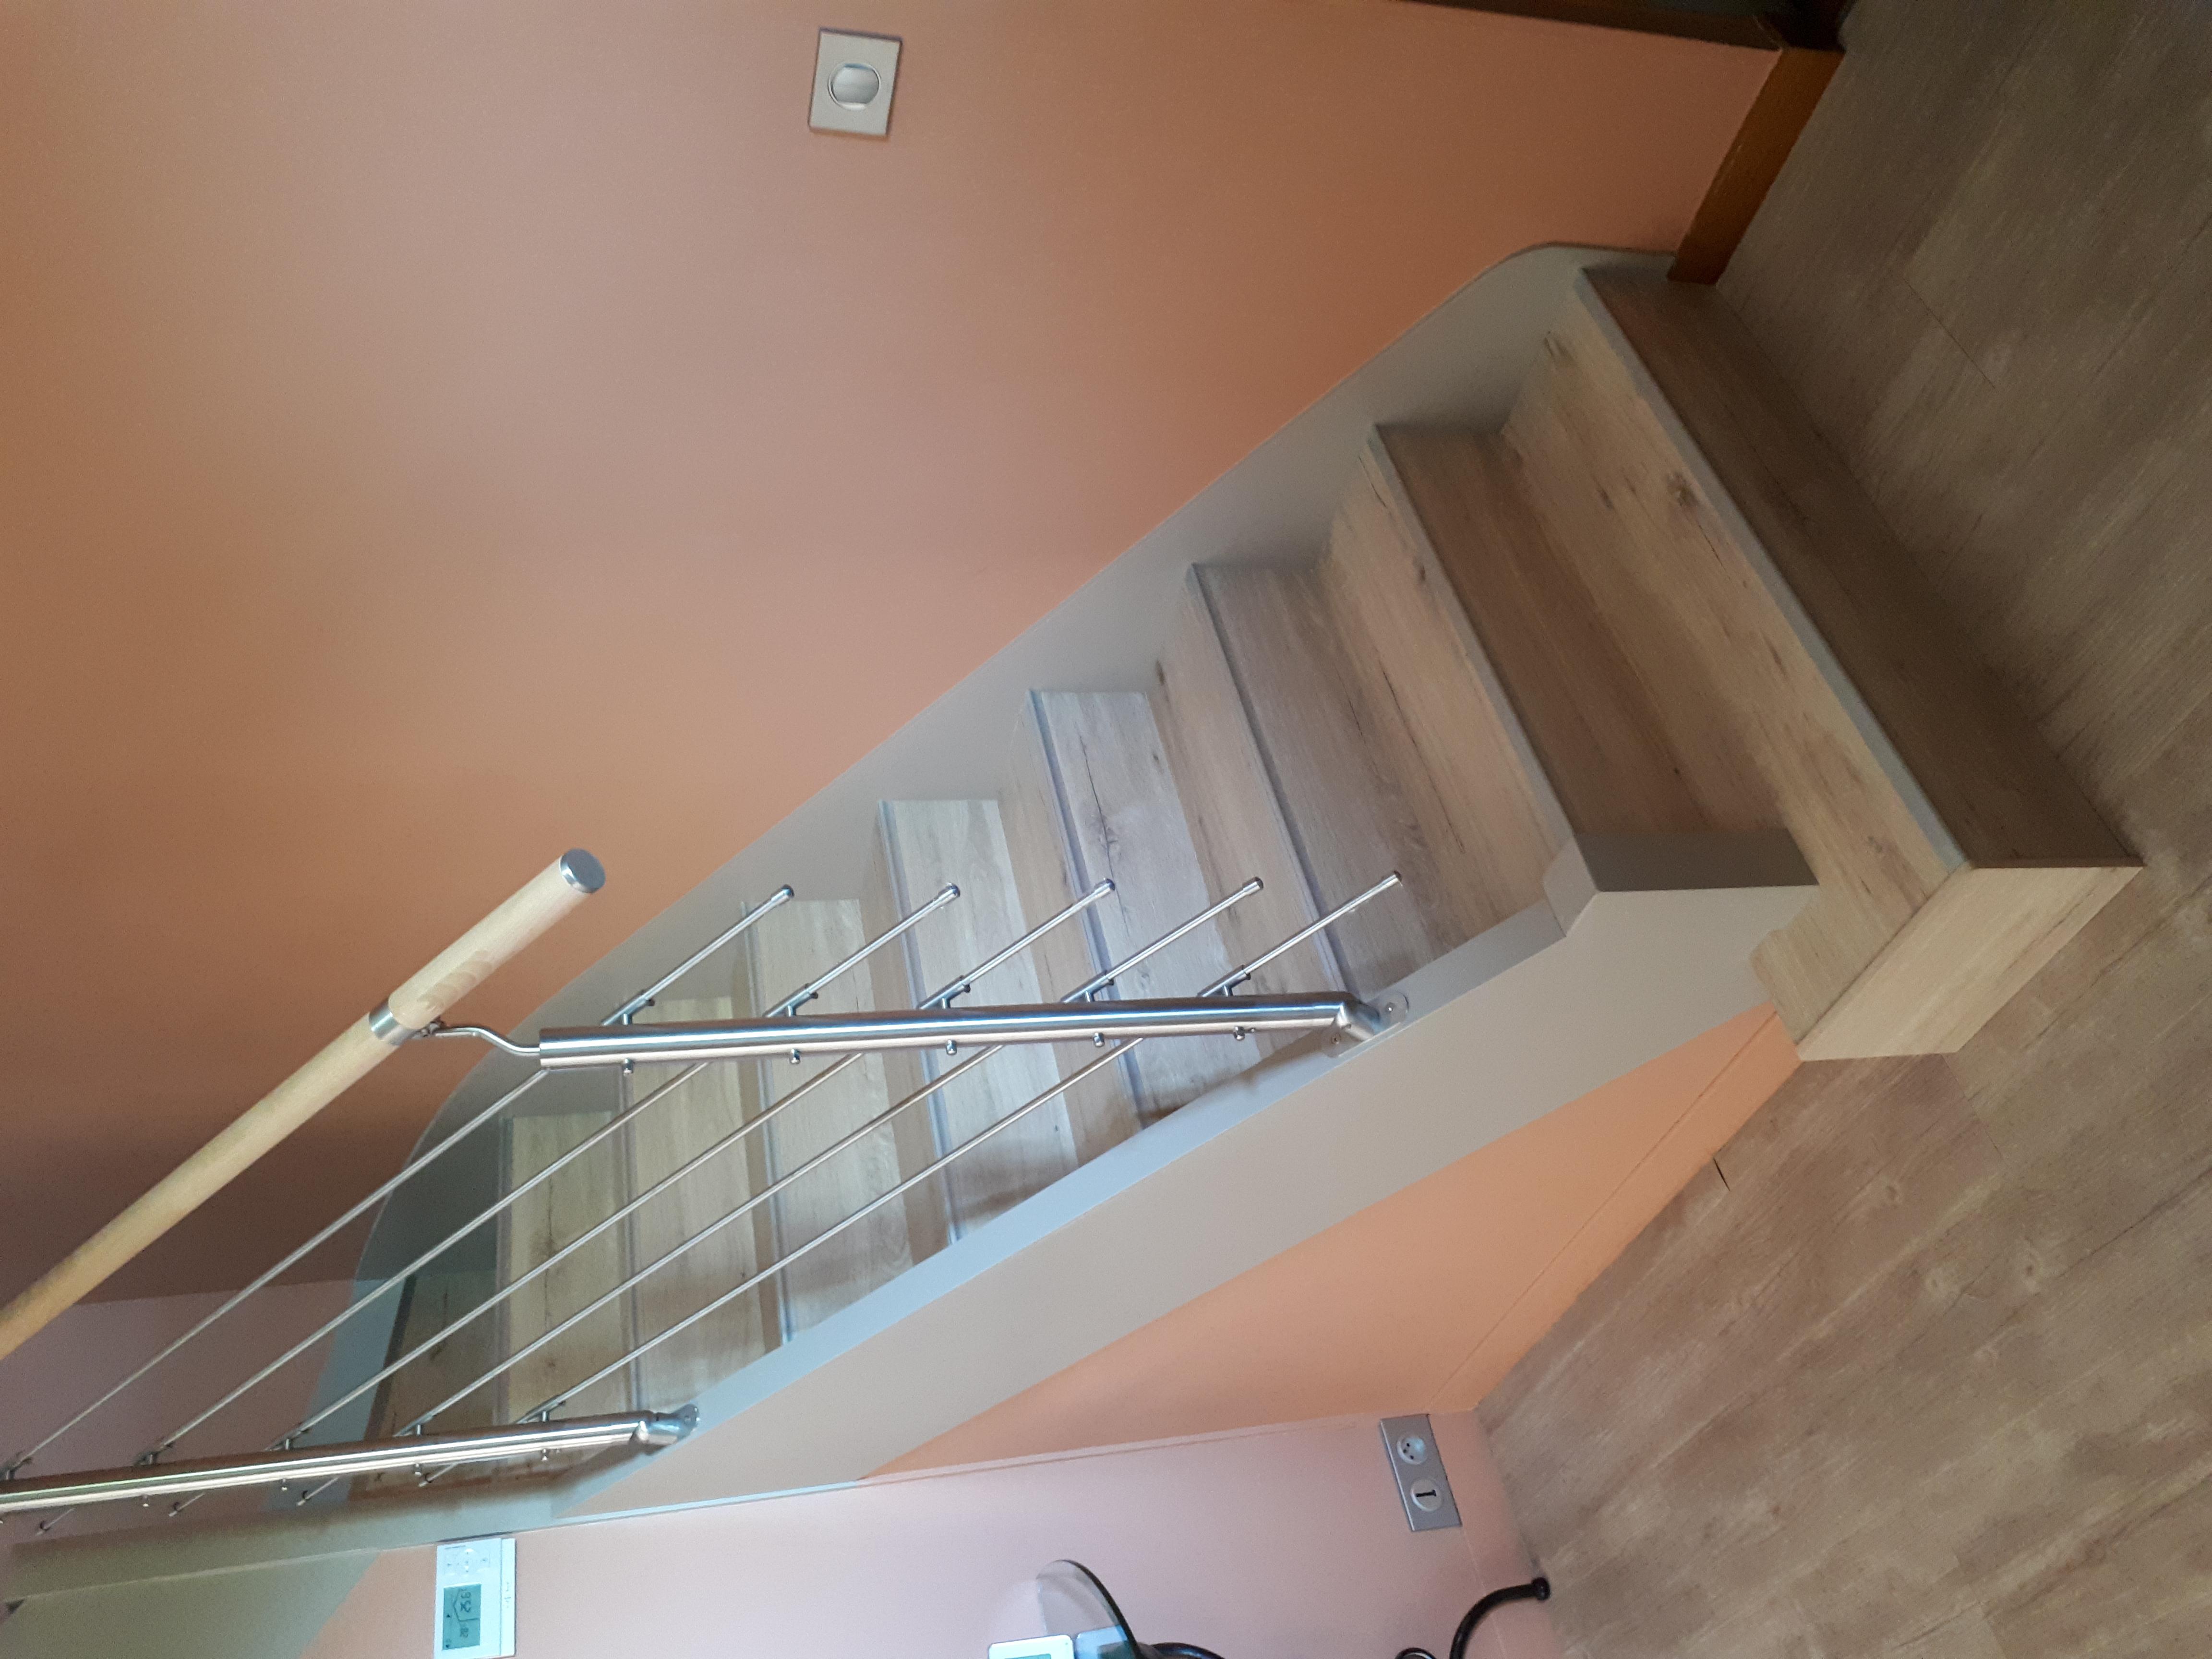 Rénovation escalier et changement des rampes bois par des rampes Inox 304